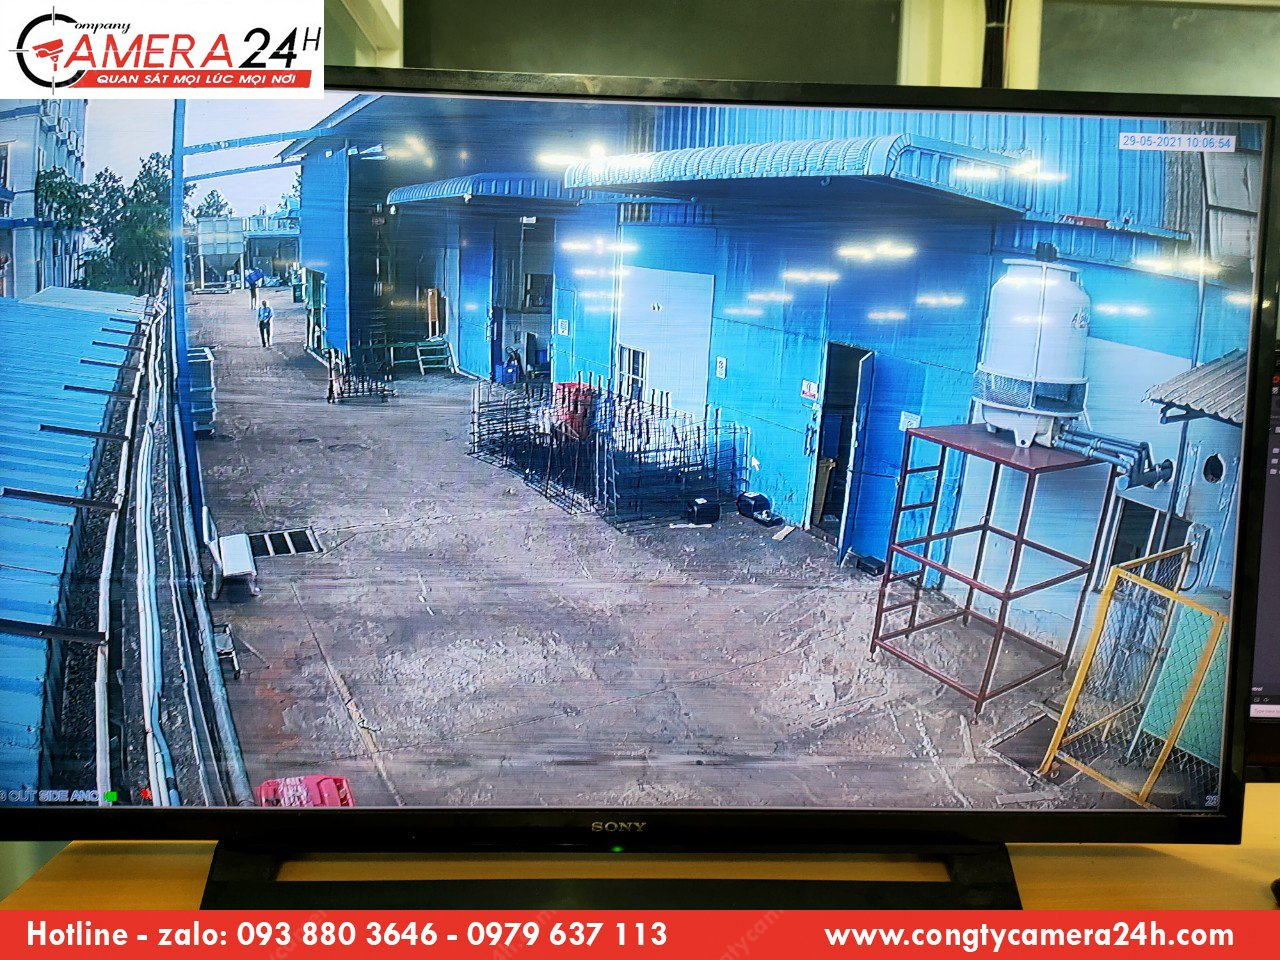 Thi công, lắp đặt hệ thống camera phù hợp cho nhà xưởng